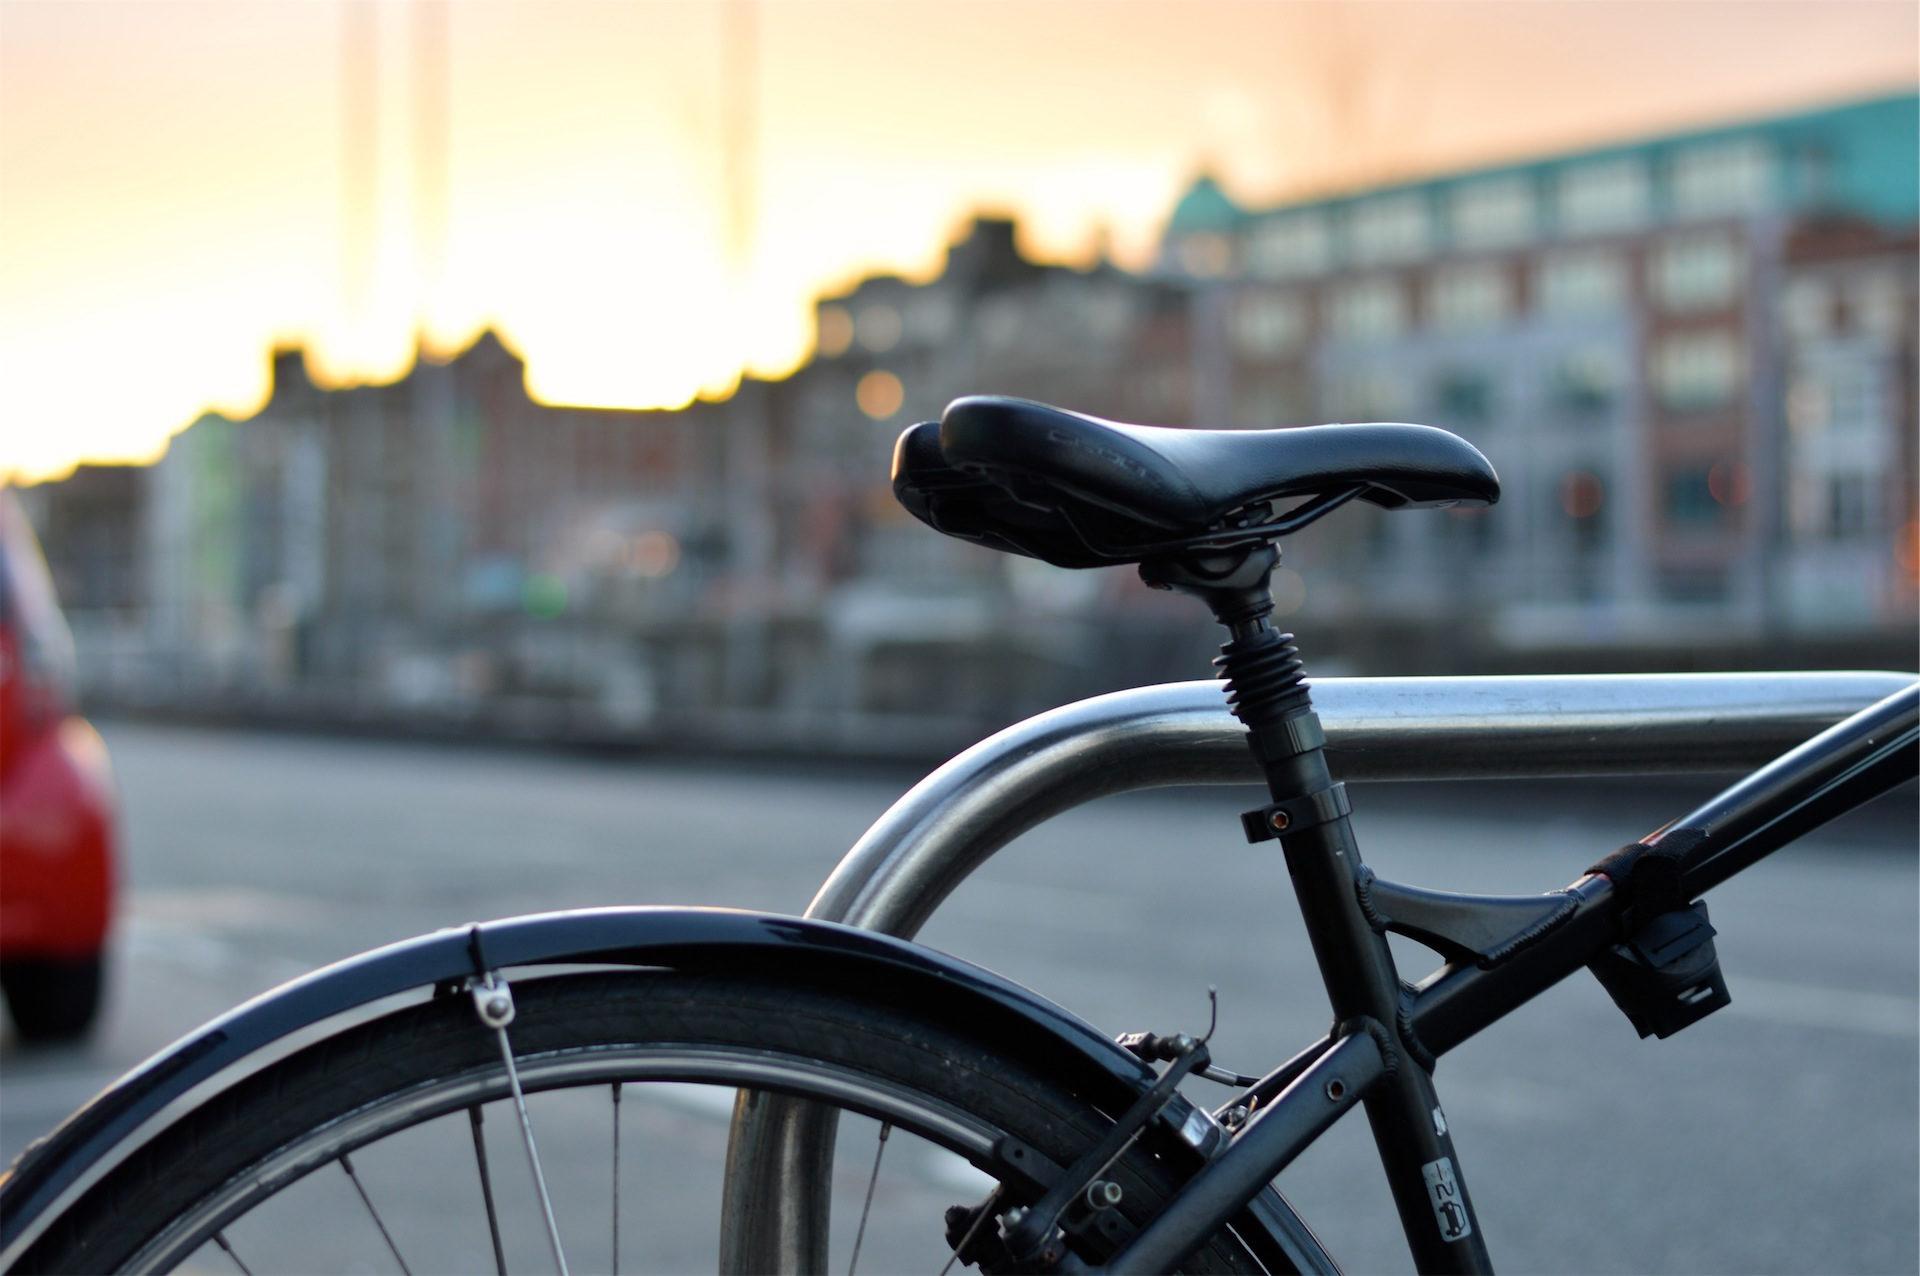 bicicleta, assento, Sela, roda, Cidade - Papéis de parede HD - Professor-falken.com